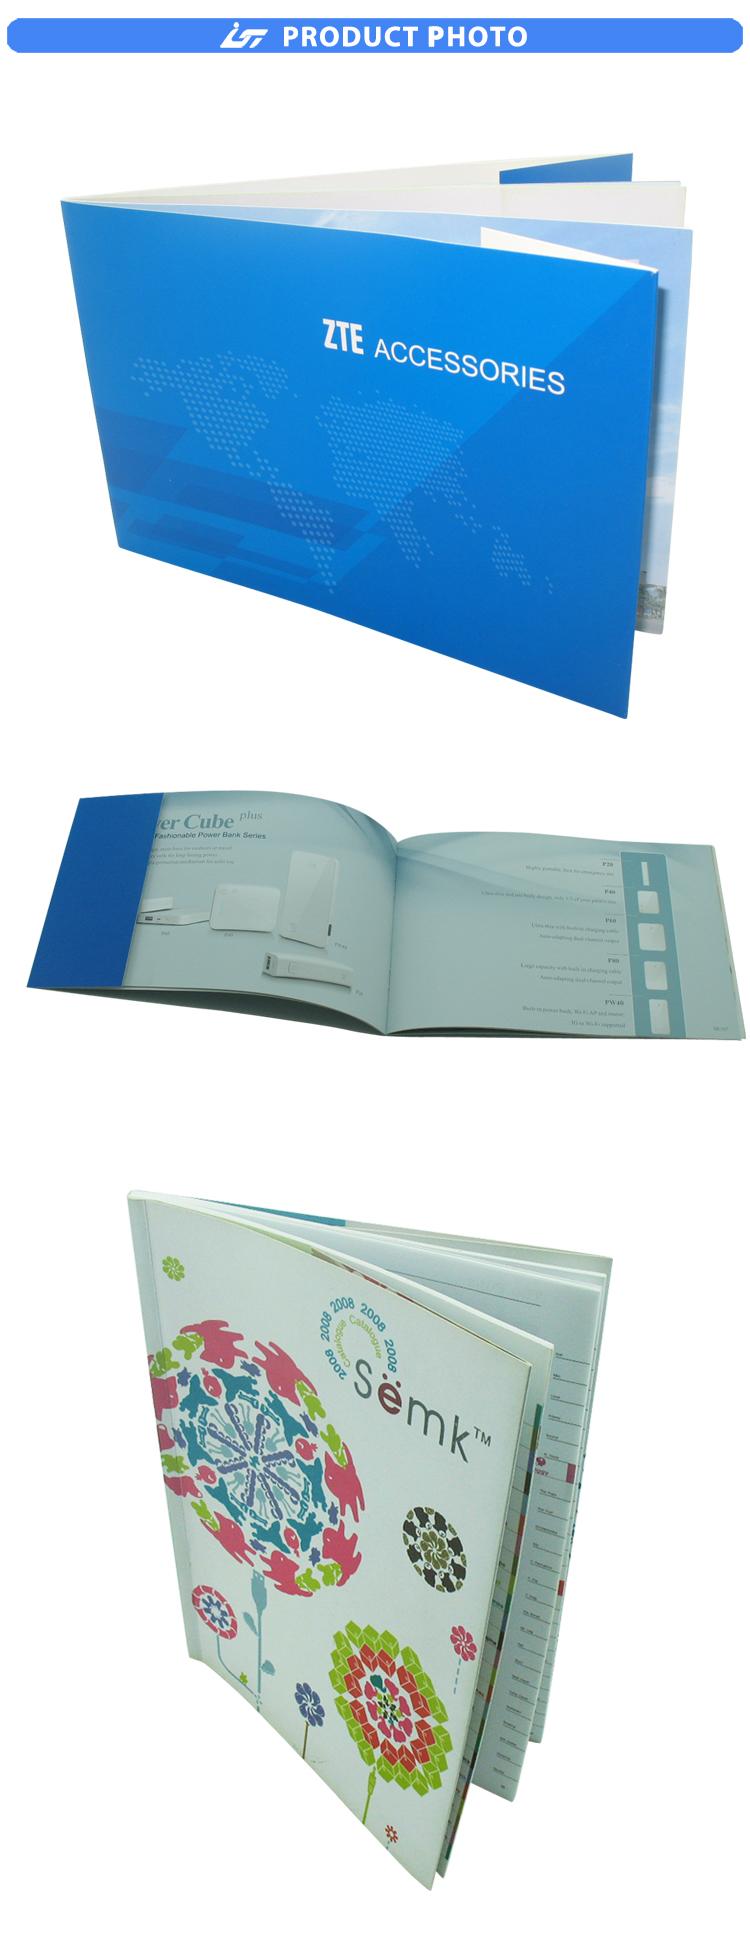 หรูหราราคาถูกกระดาษหนังสือออกแบบโบรชัวร์บริการ